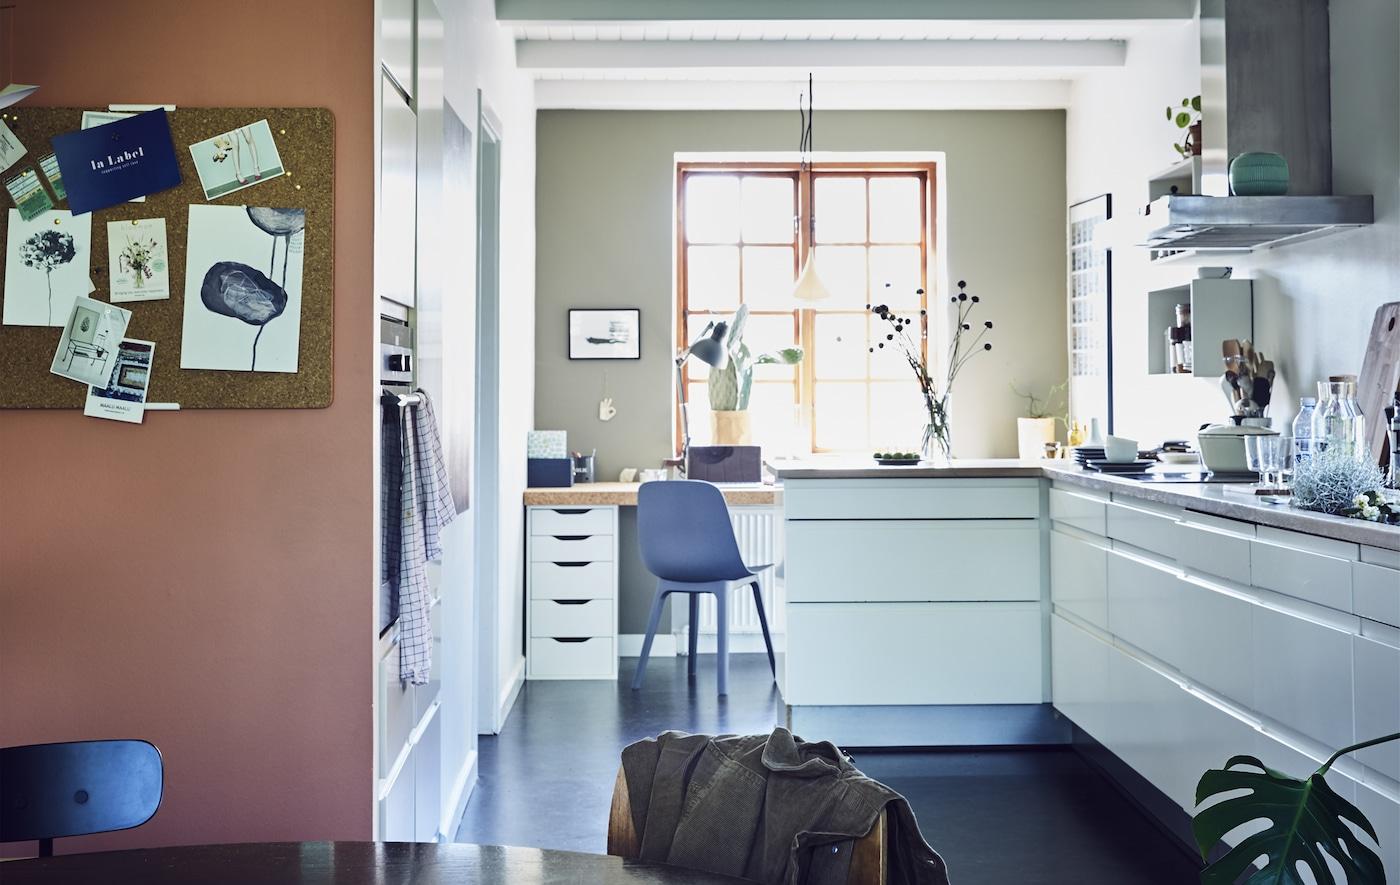 مطبخ ومساحة تناول طعام باللون الأبيض بتخطيط مفتوح.